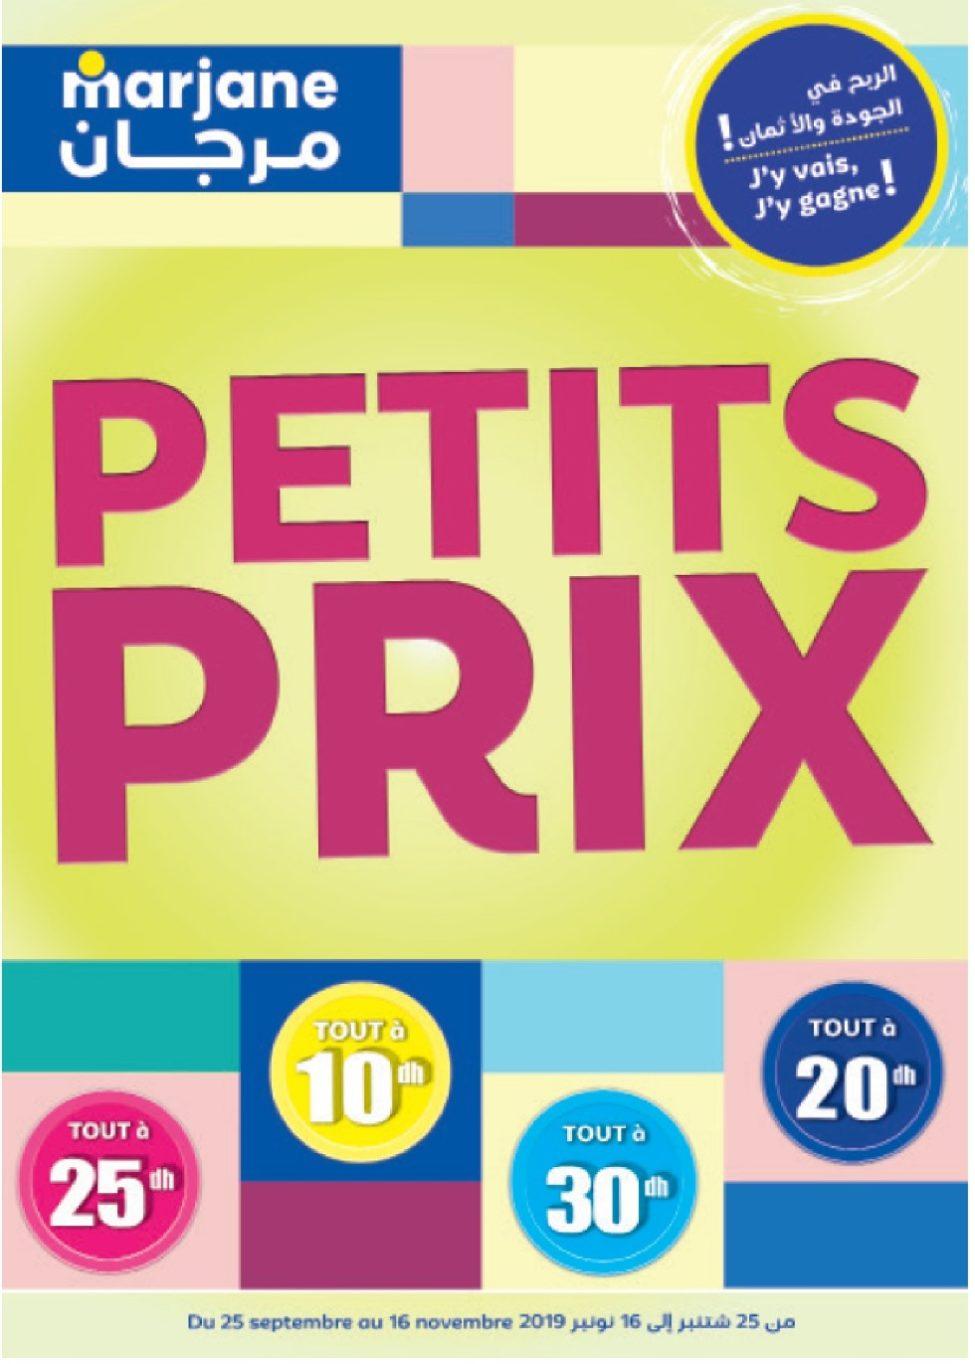 Catalogue Marjane Petits Prix du 25 Septembre au 16 Novembre 2019